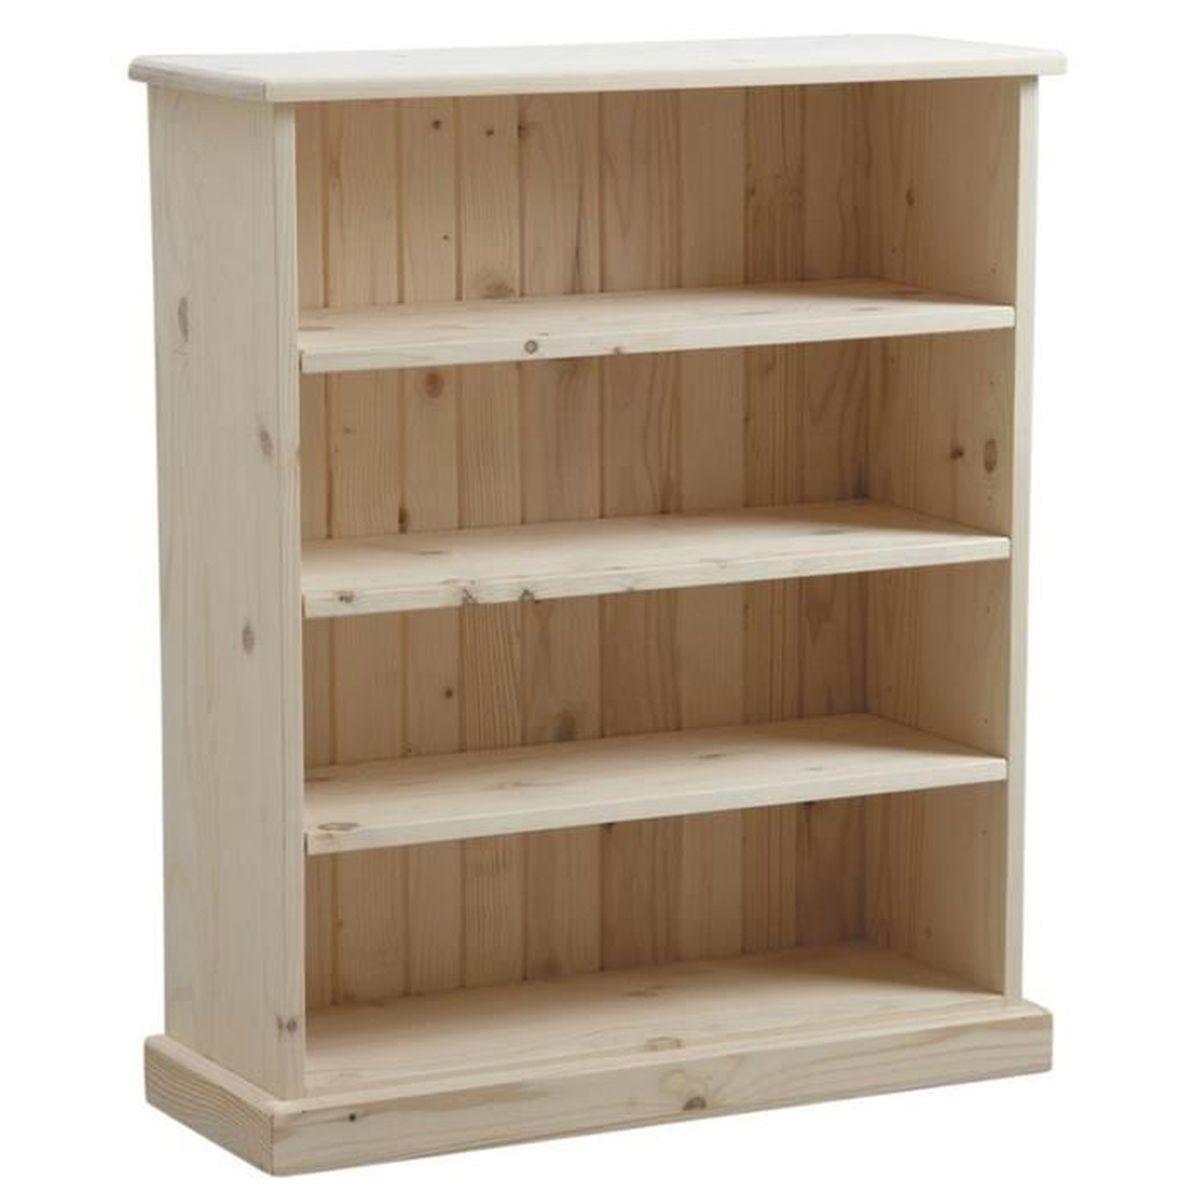 etag re en bois d 39 pic a brut avec 3 tablettes dim 75 x 28 x 90 cm achat vente meuble. Black Bedroom Furniture Sets. Home Design Ideas